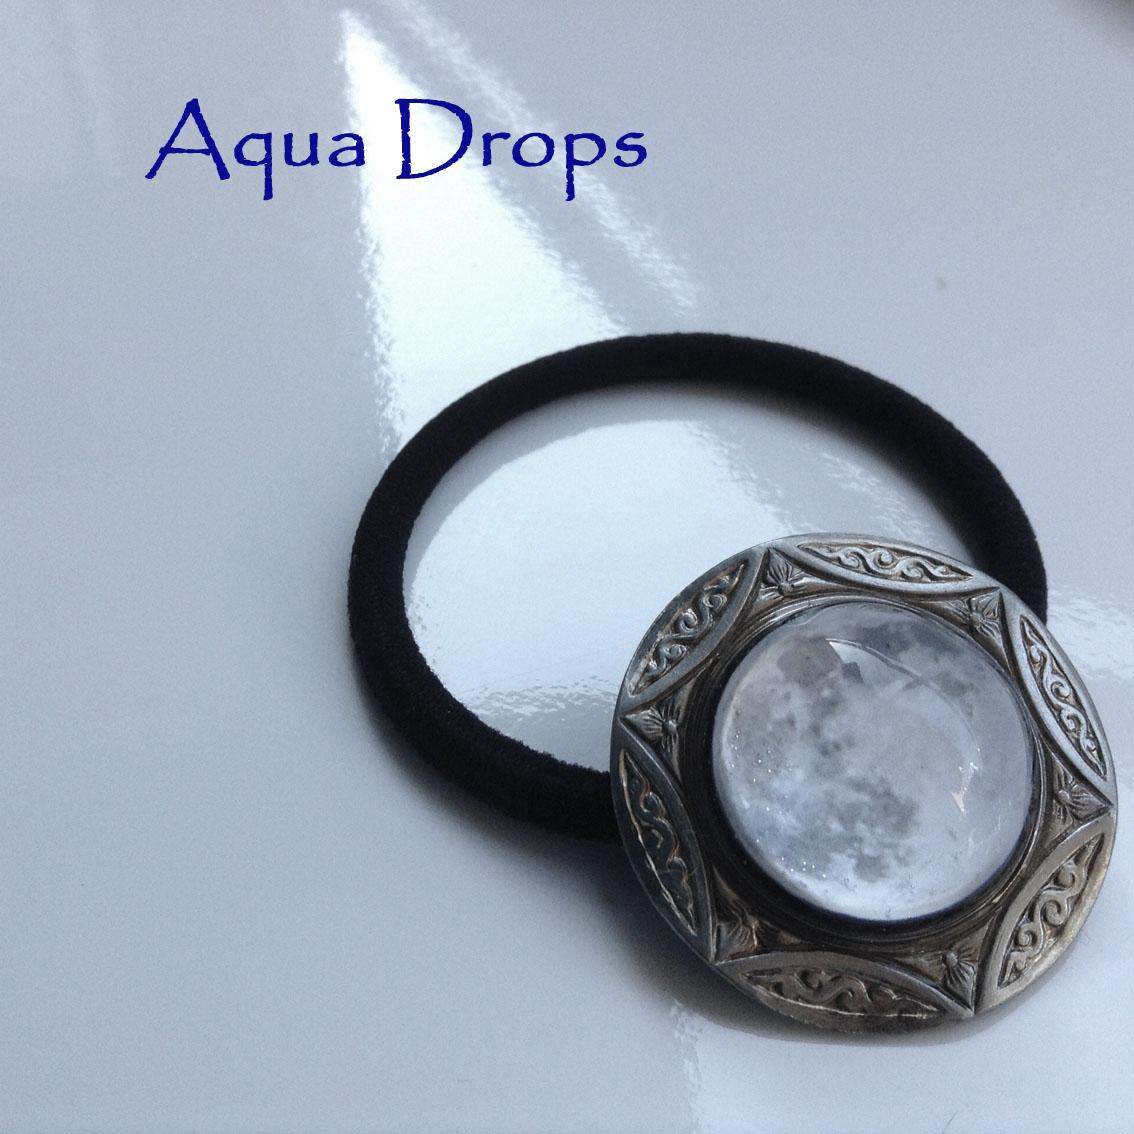 2017_お月さまをヒトリジメ Aqua Drops_07